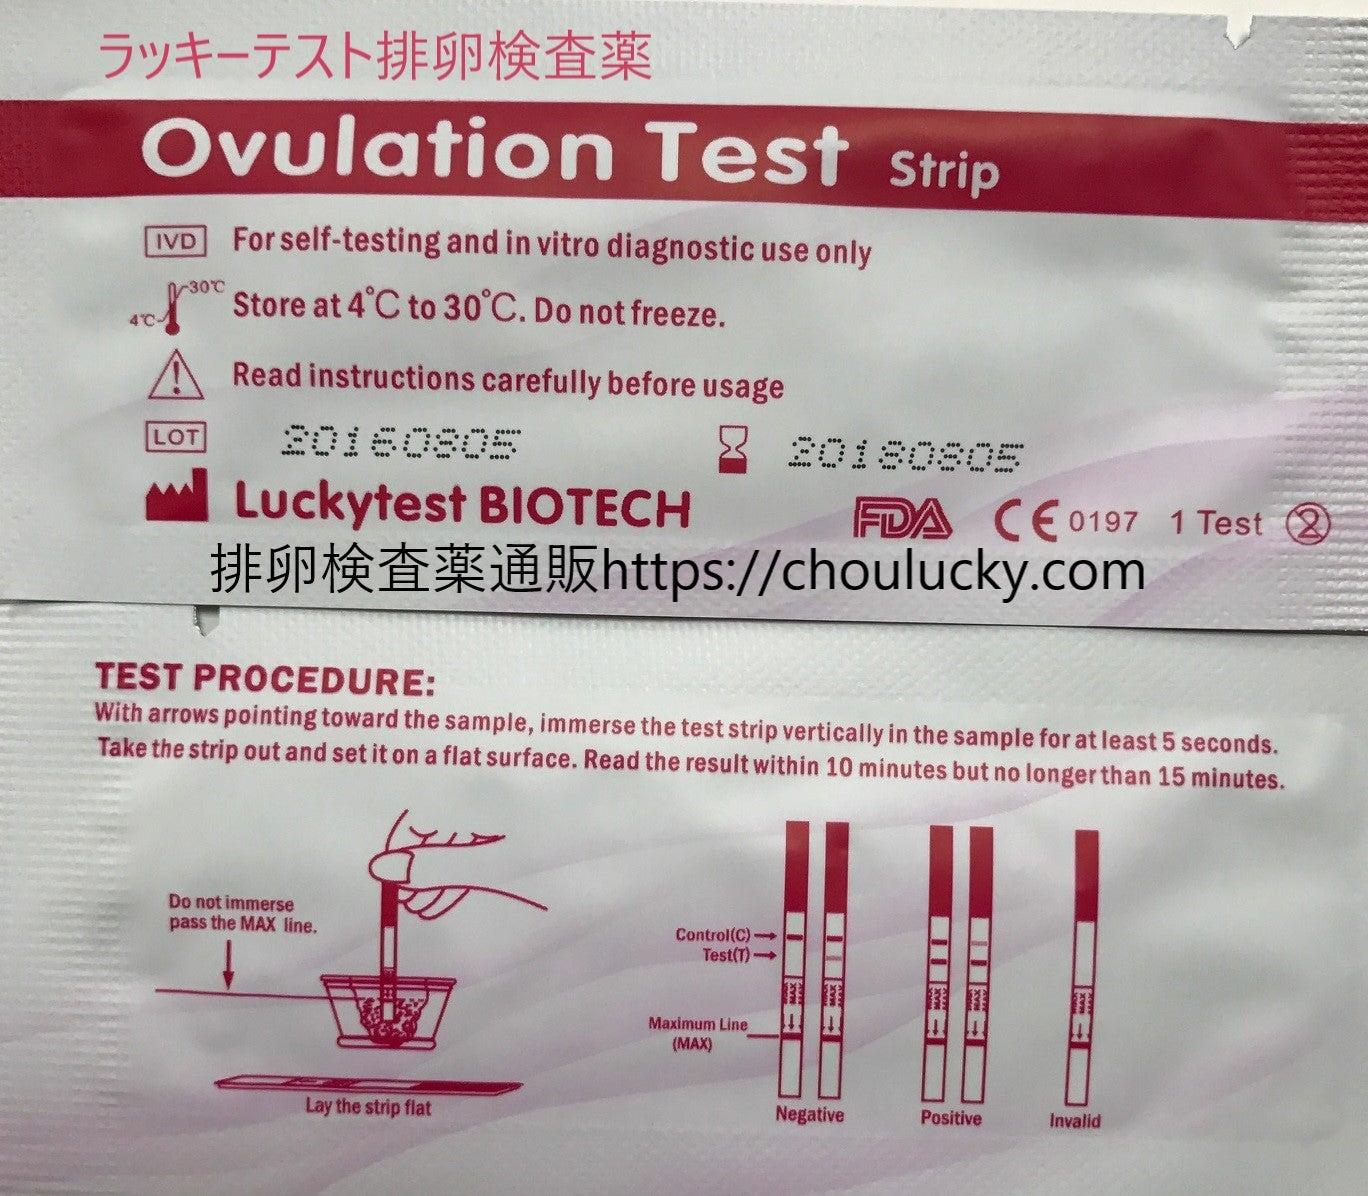 排卵検査薬 評判